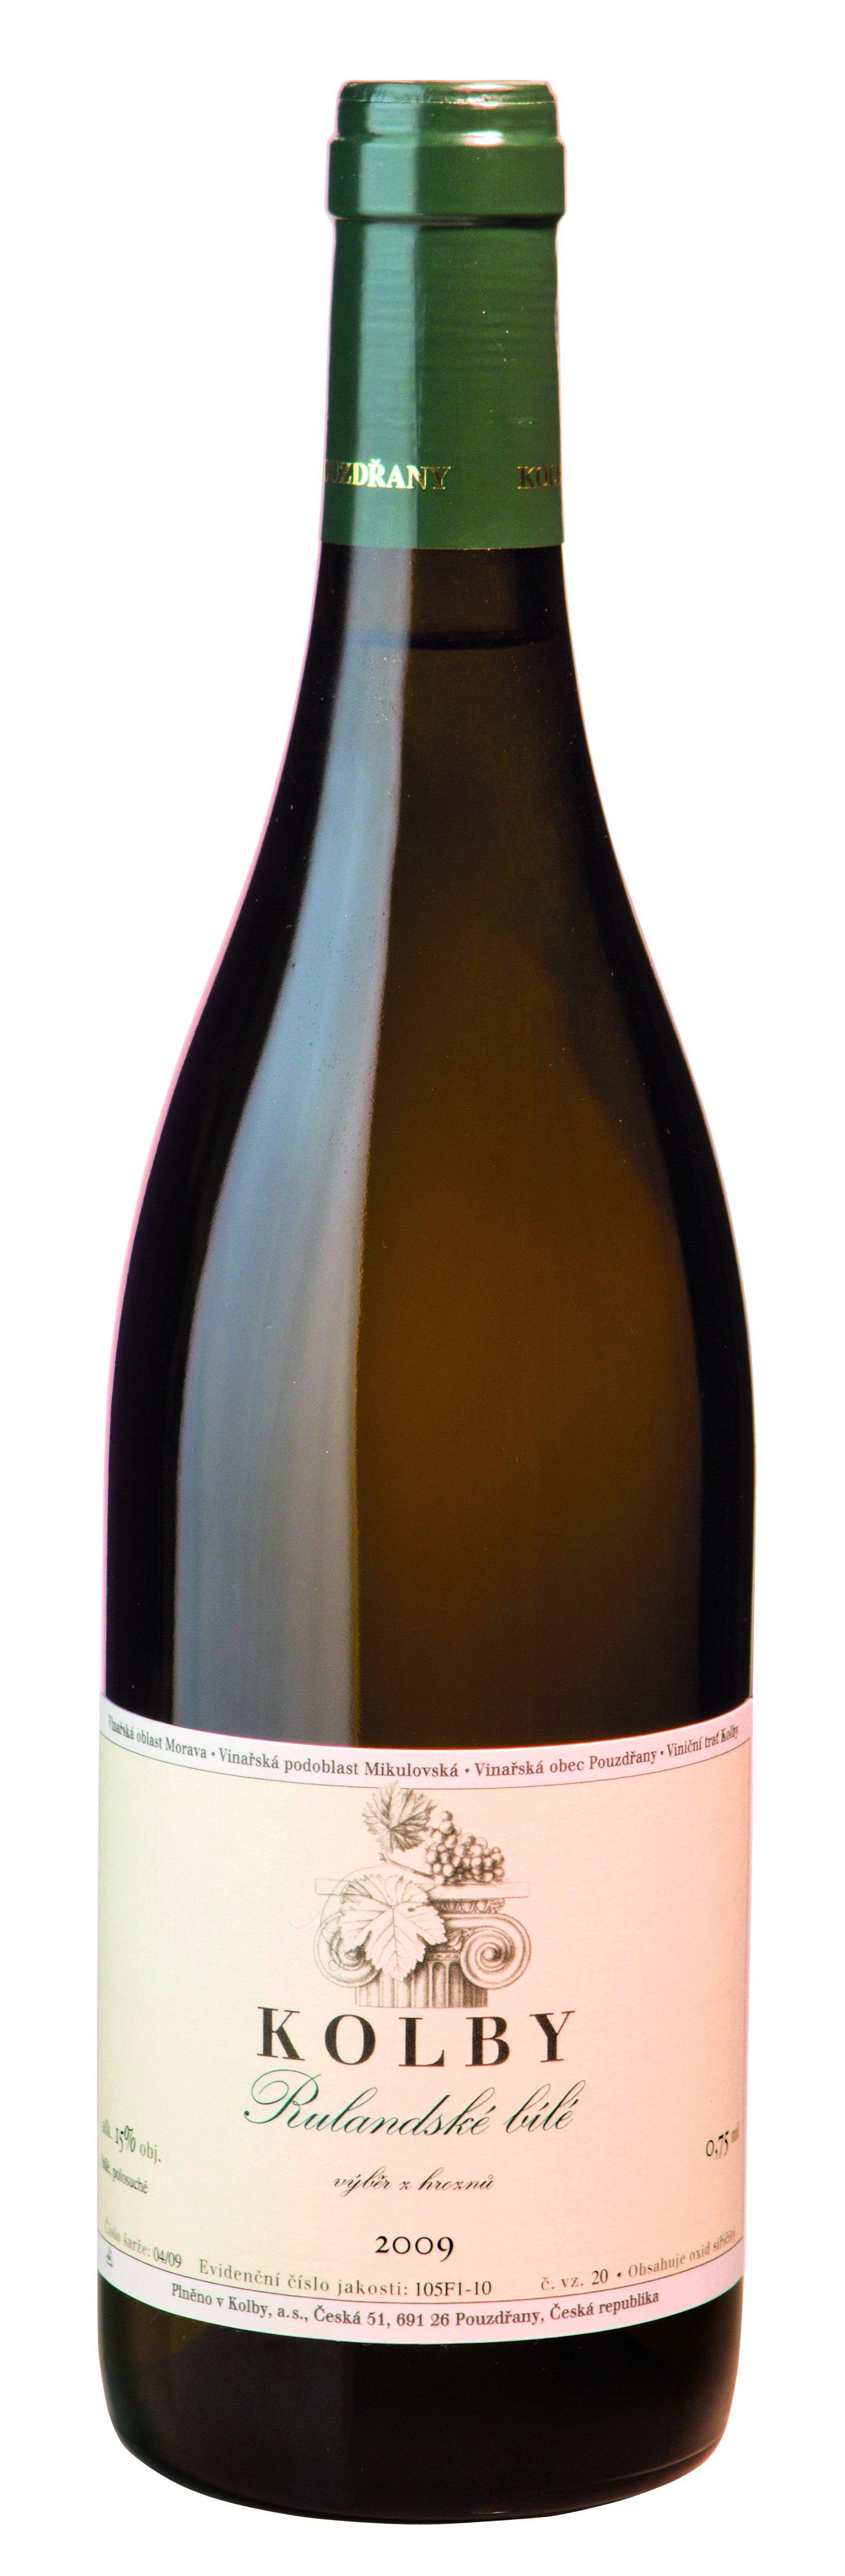 Kolby - Rulandské bílé - Výběr z hroznů 2009 - 0,75l